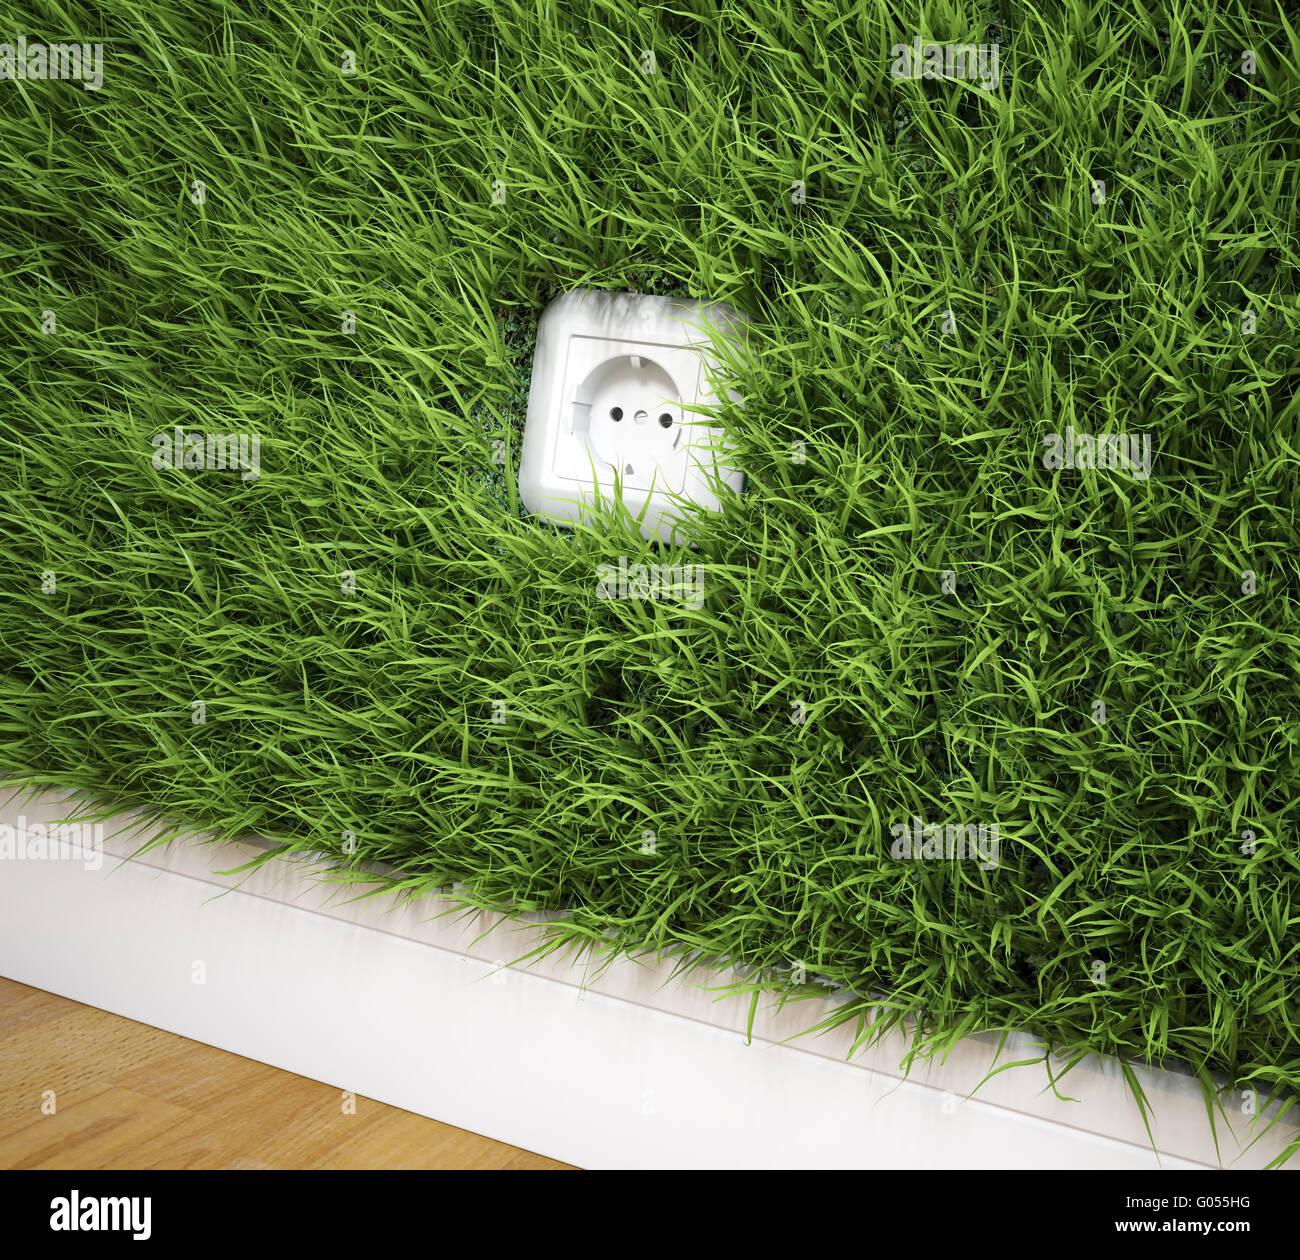 Eine Steckdose auf einem Rasen bedeckt Wand Stockbild